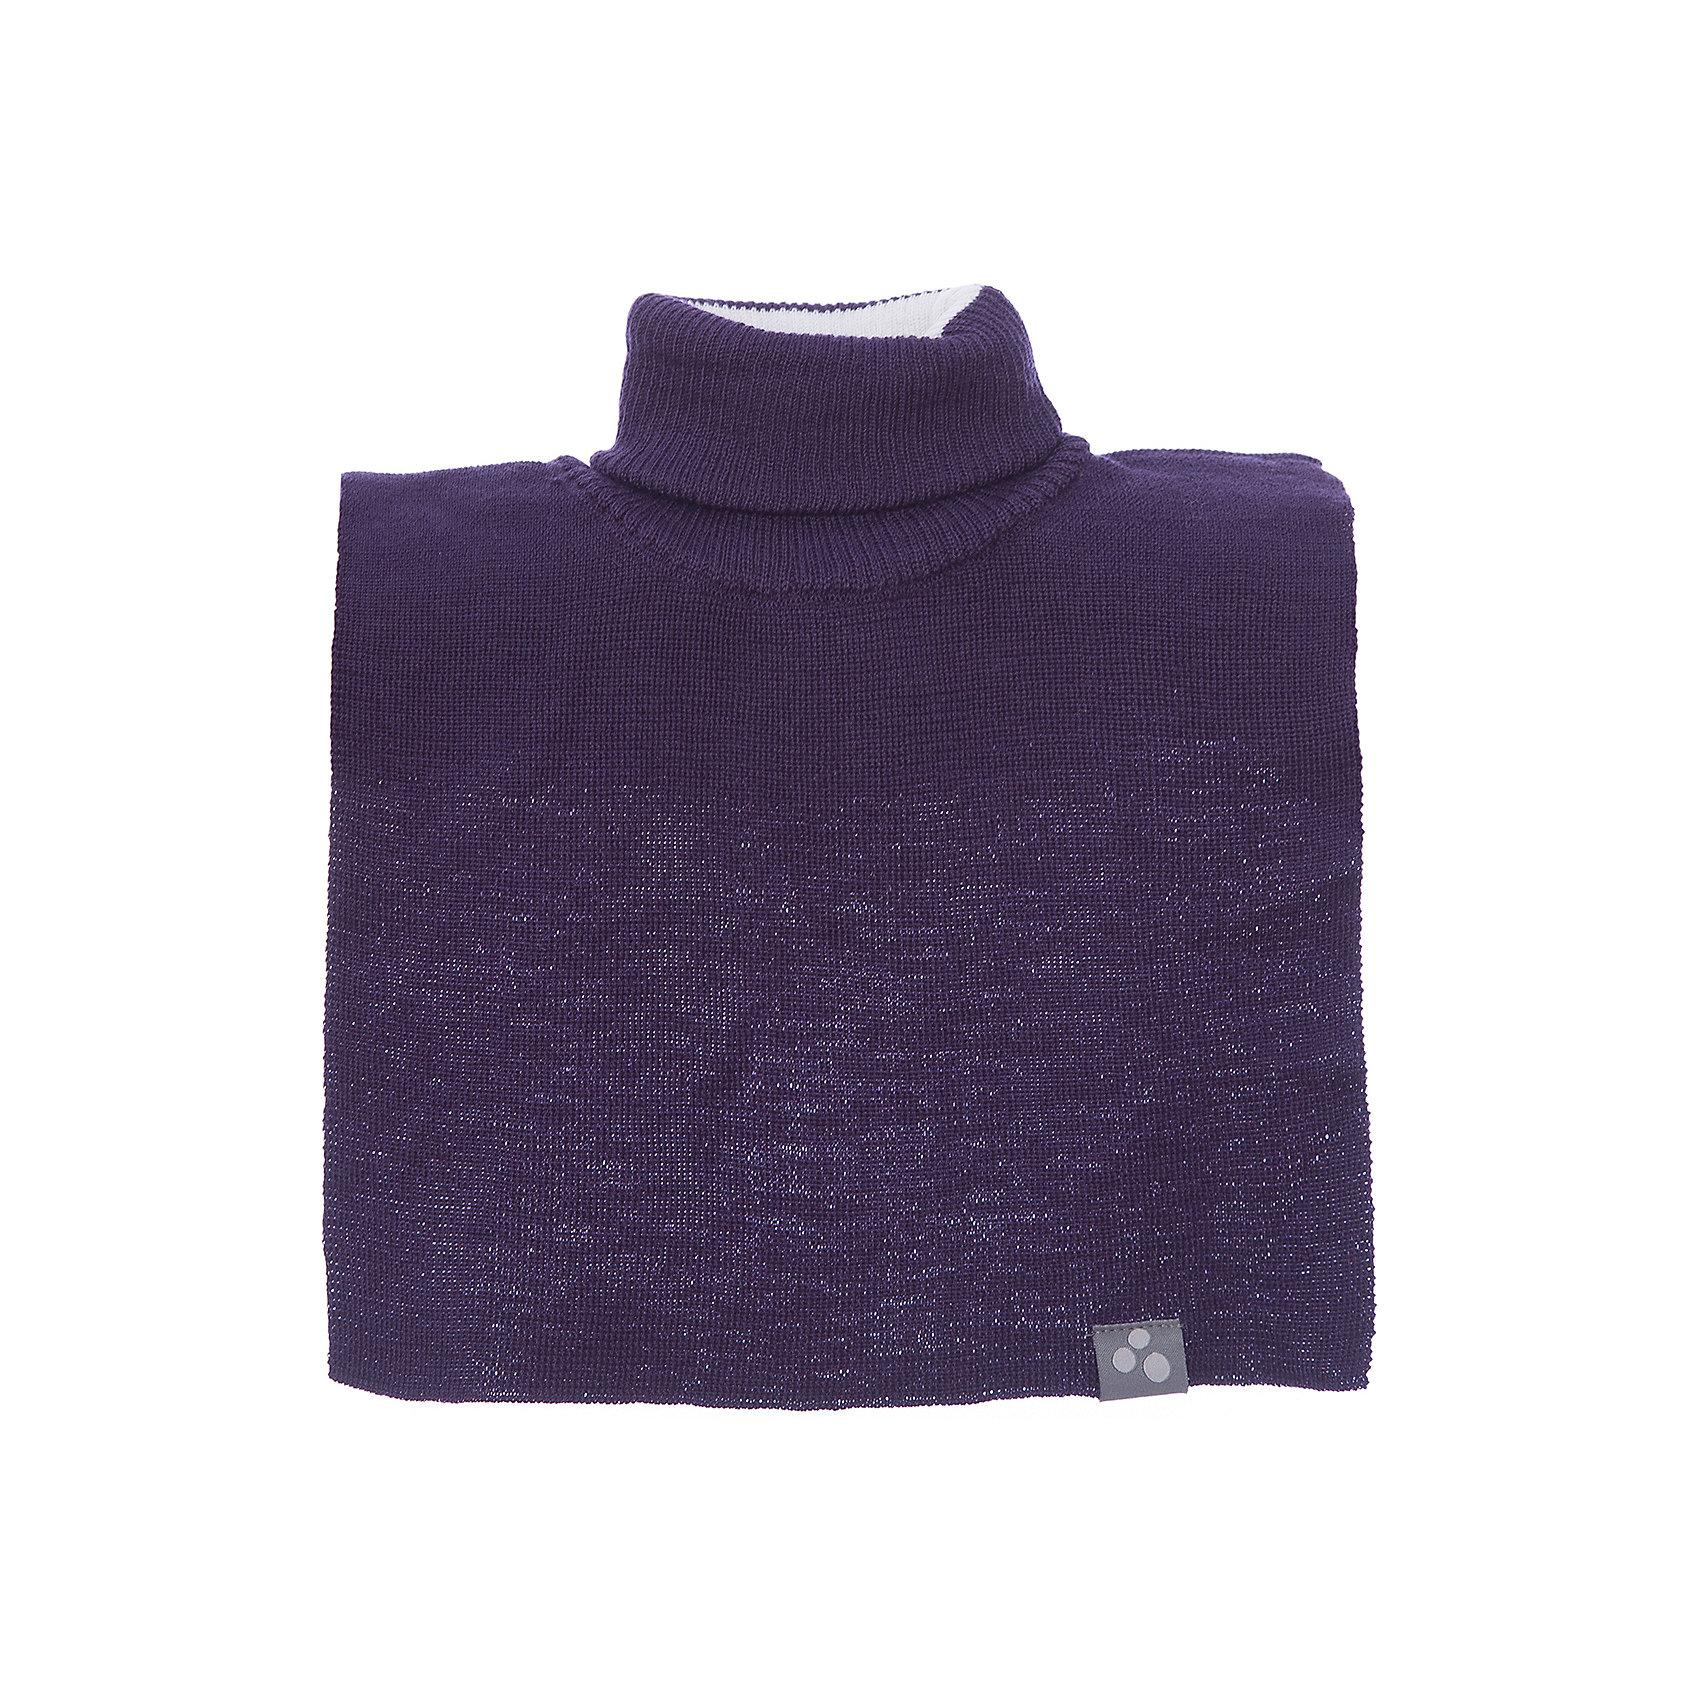 Манишка Huppa CoraВерхняя одежда<br>Детская манишка CORA. Теплая вязаная манишка на хлопковой подкладкн, защитит шейку вашего малыша в холодную погоду.<br>Состав:<br>50% мерс.шерсть, 50% акрил<br><br>Ширина мм: 88<br>Глубина мм: 155<br>Высота мм: 26<br>Вес г: 106<br>Цвет: лиловый<br>Возраст от месяцев: 12<br>Возраст до месяцев: 24<br>Пол: Унисекс<br>Возраст: Детский<br>Размер: 47-49,55-57<br>SKU: 7027748